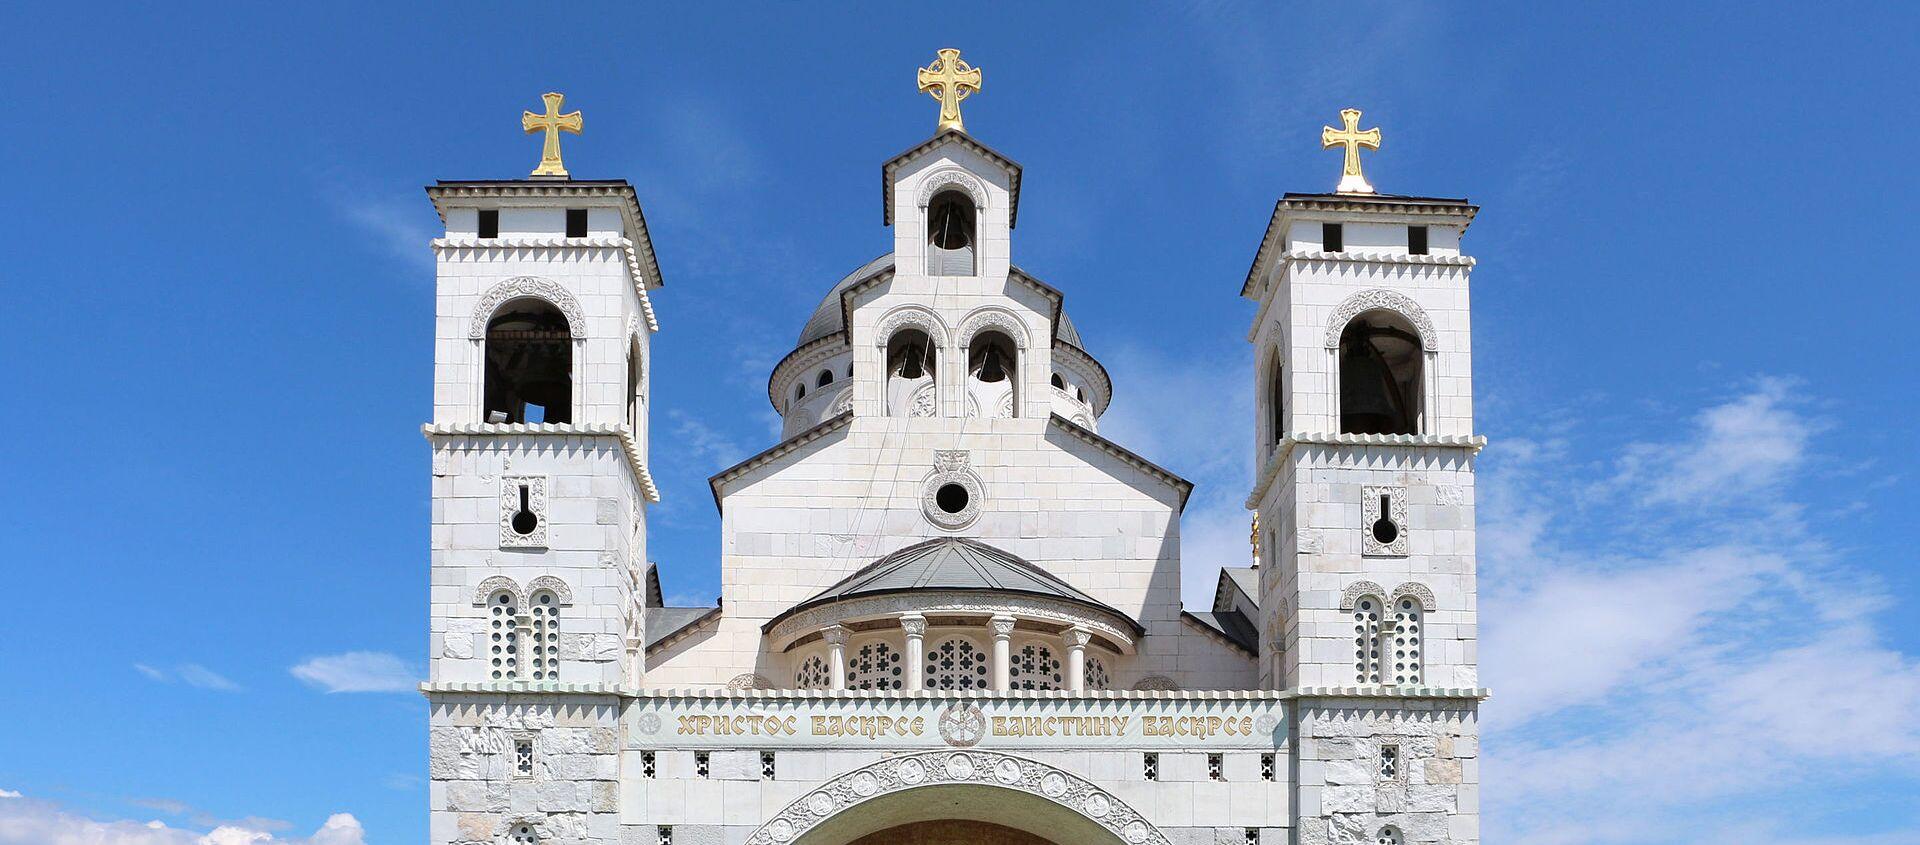 Саборни храм Христовог васкрсења, Подгорица - Sputnik Србија, 1920, 01.06.2021